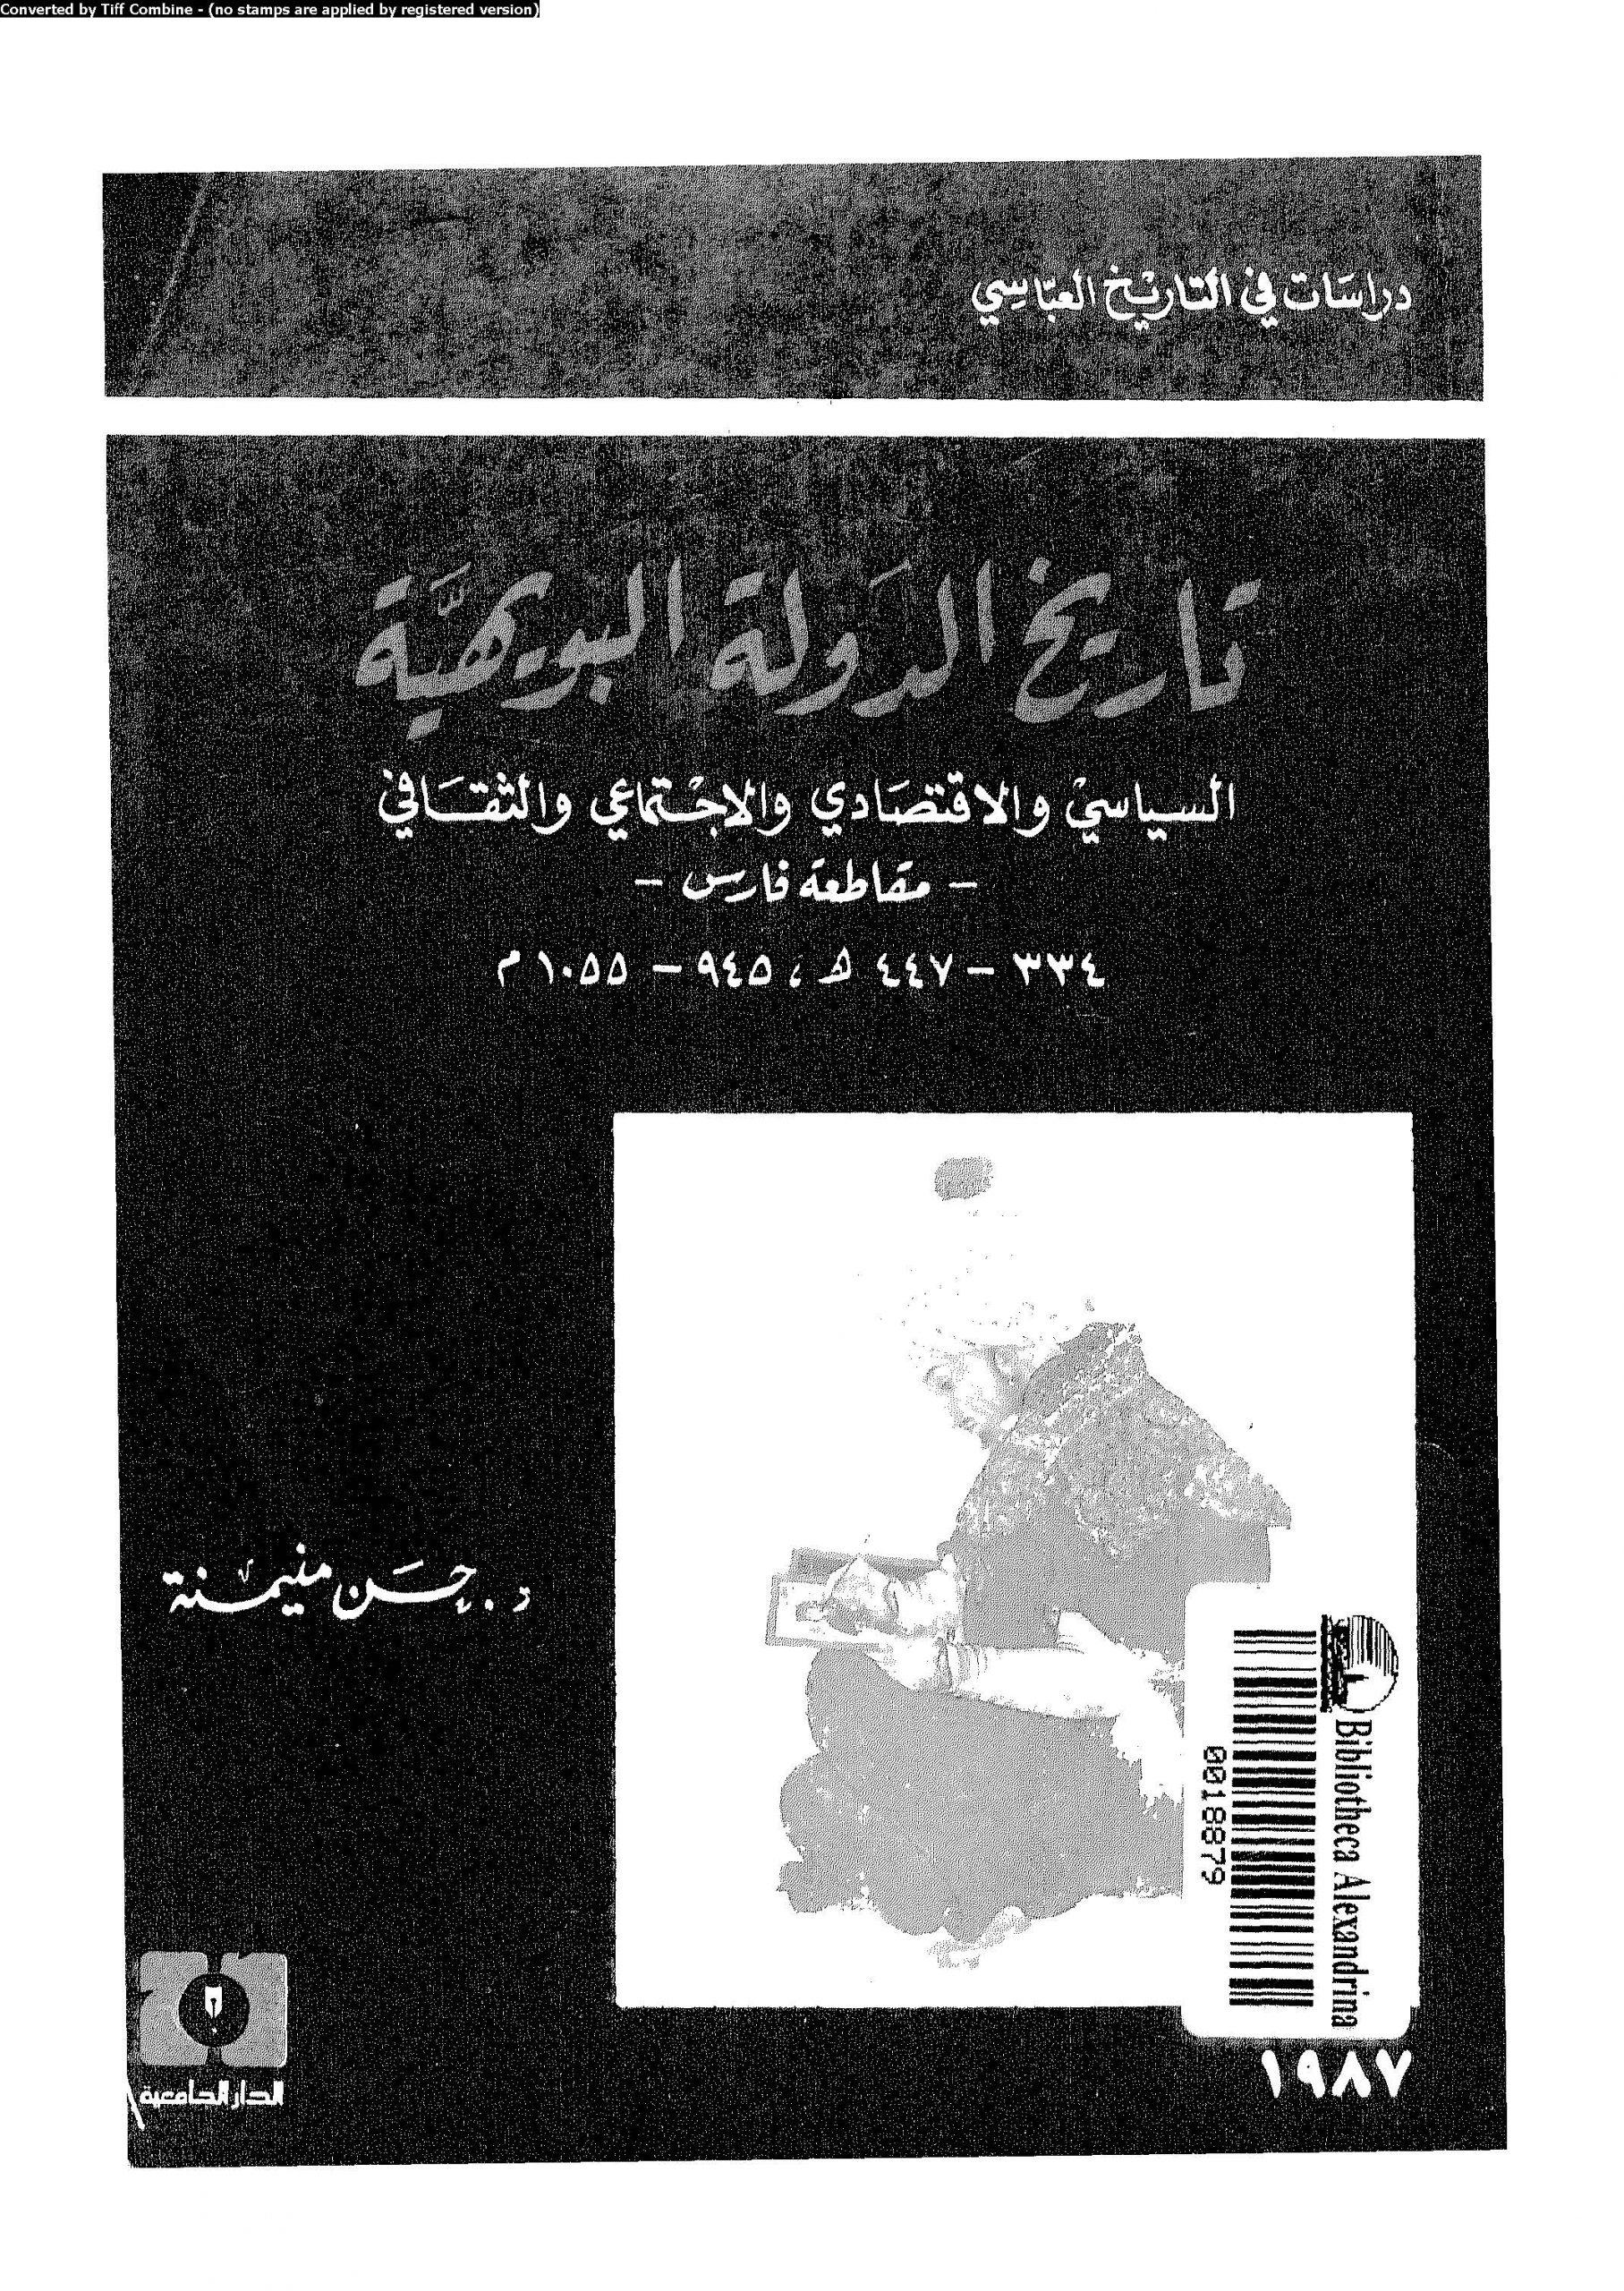 كتاب تاريخ الدولة البوهية pdf حسن منيمنة